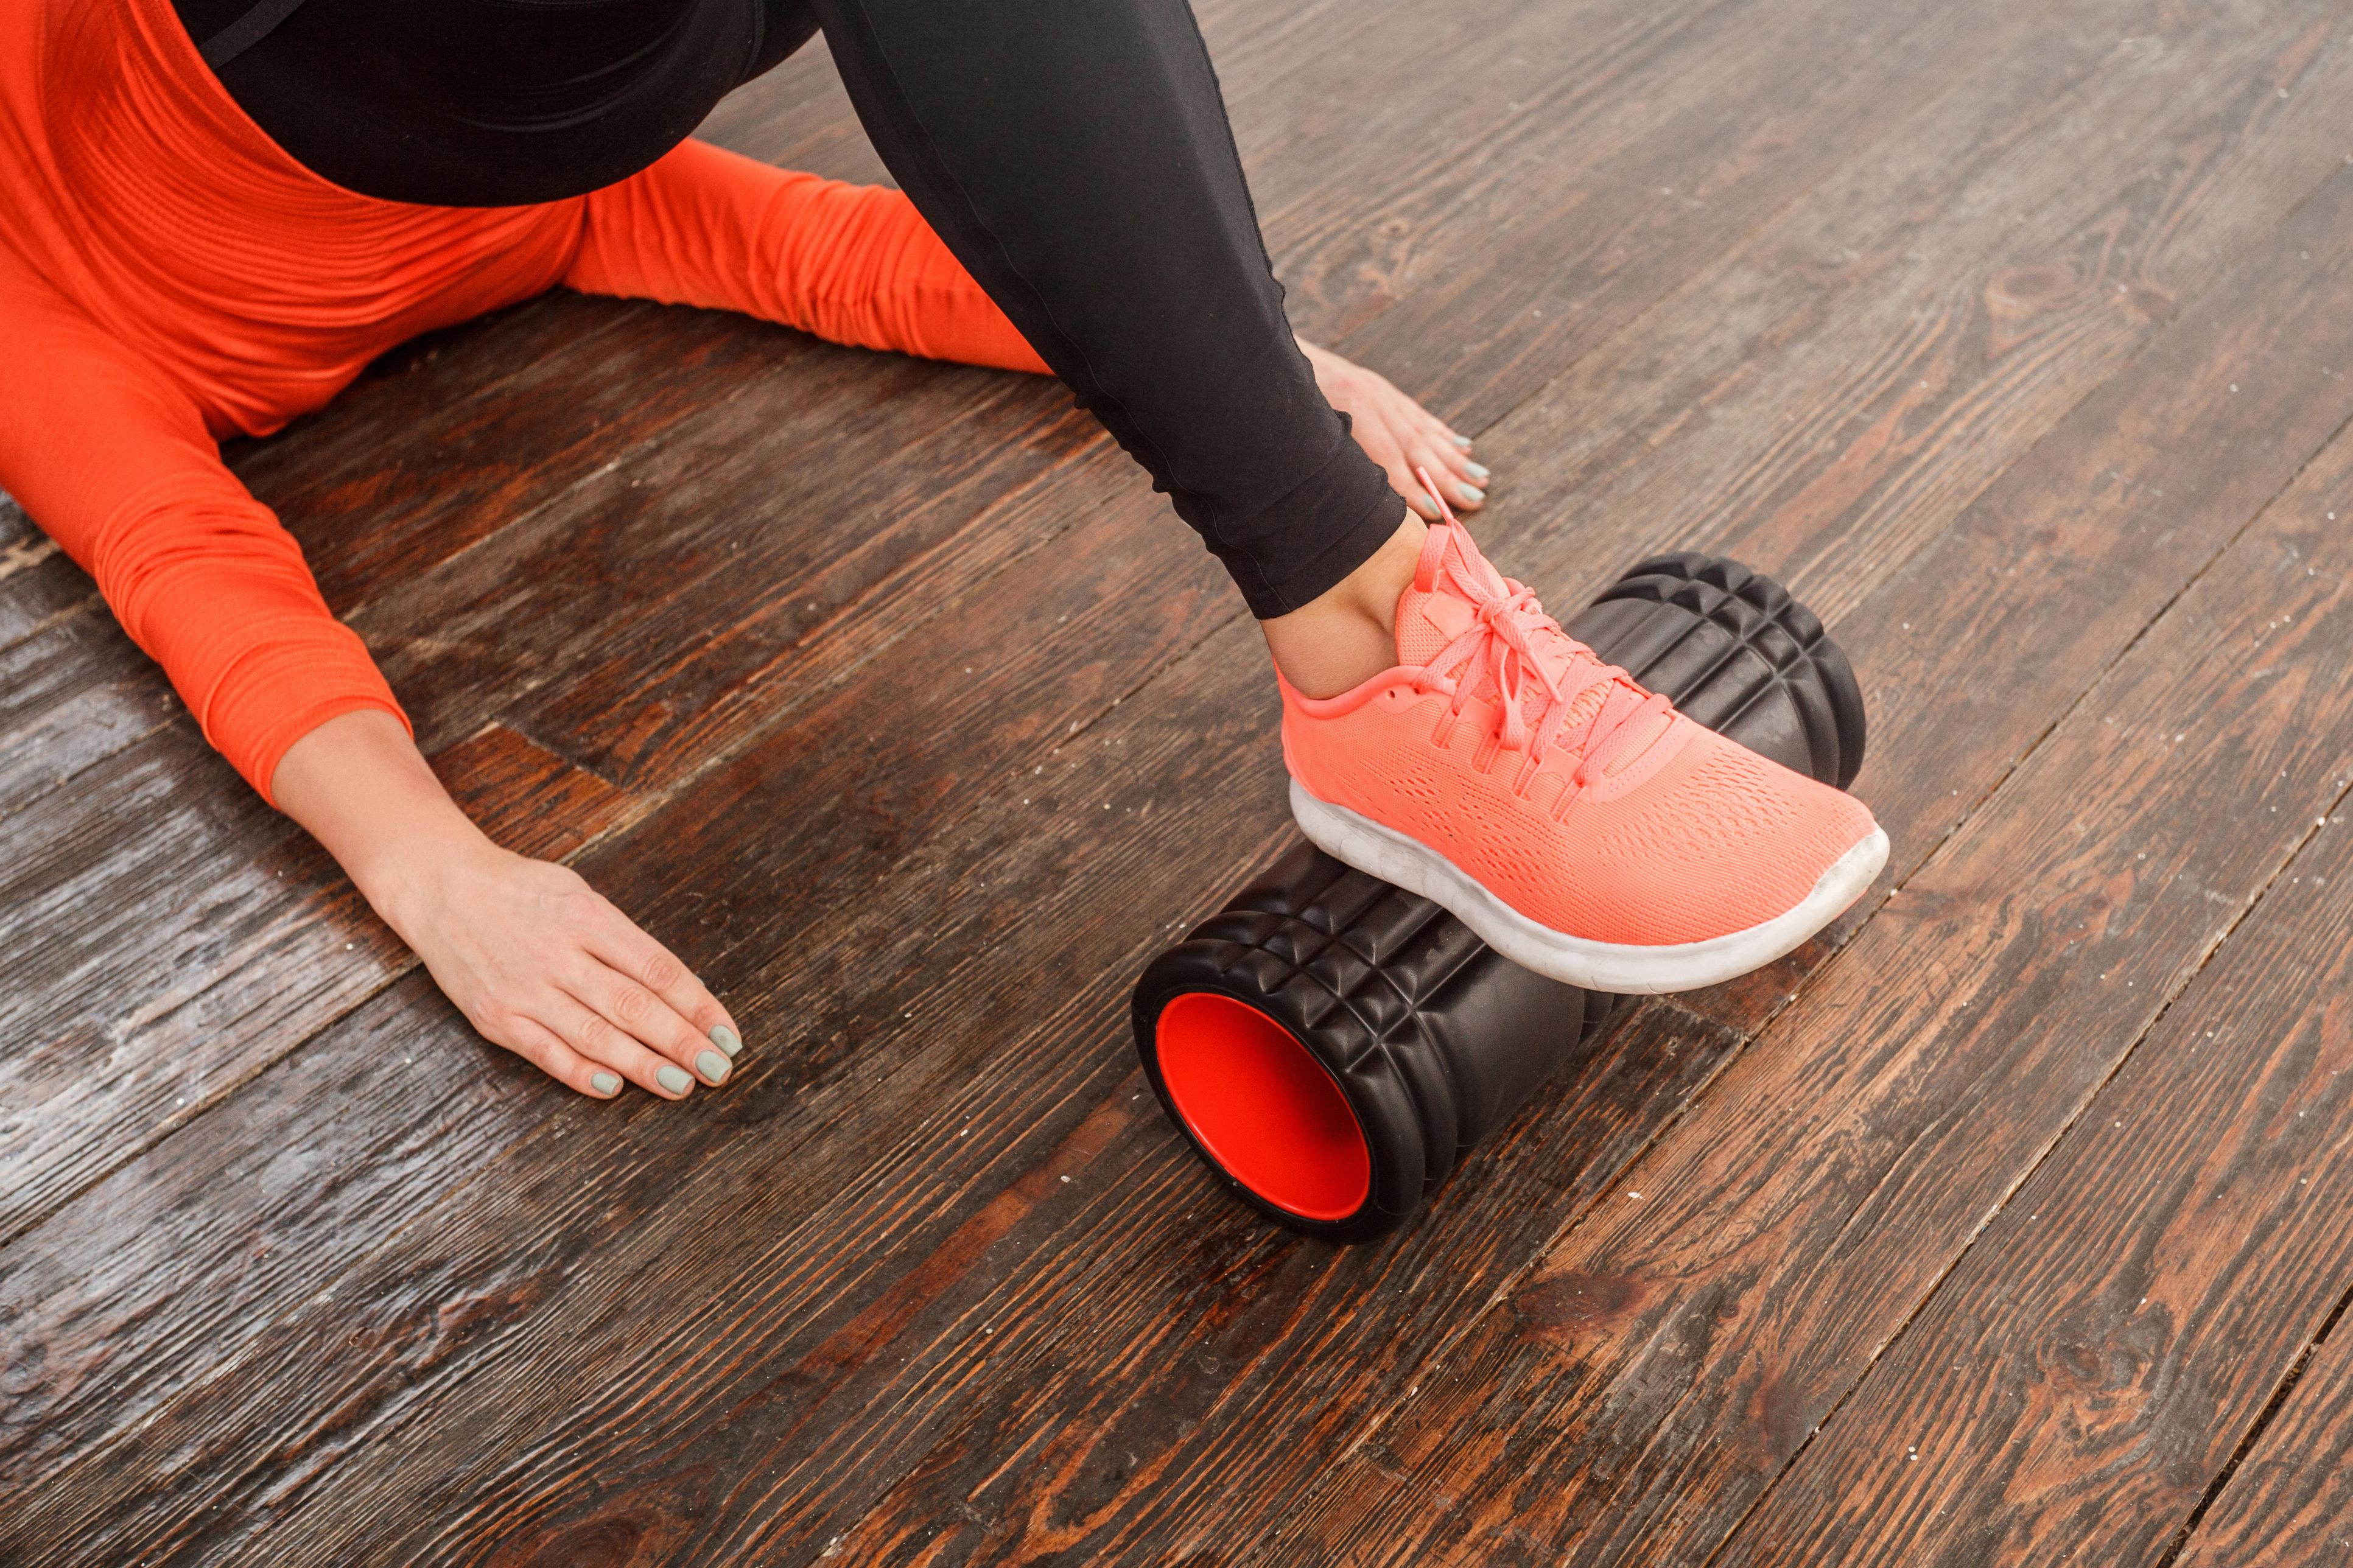 7 вправ з валиком, які зроблять тіло краще